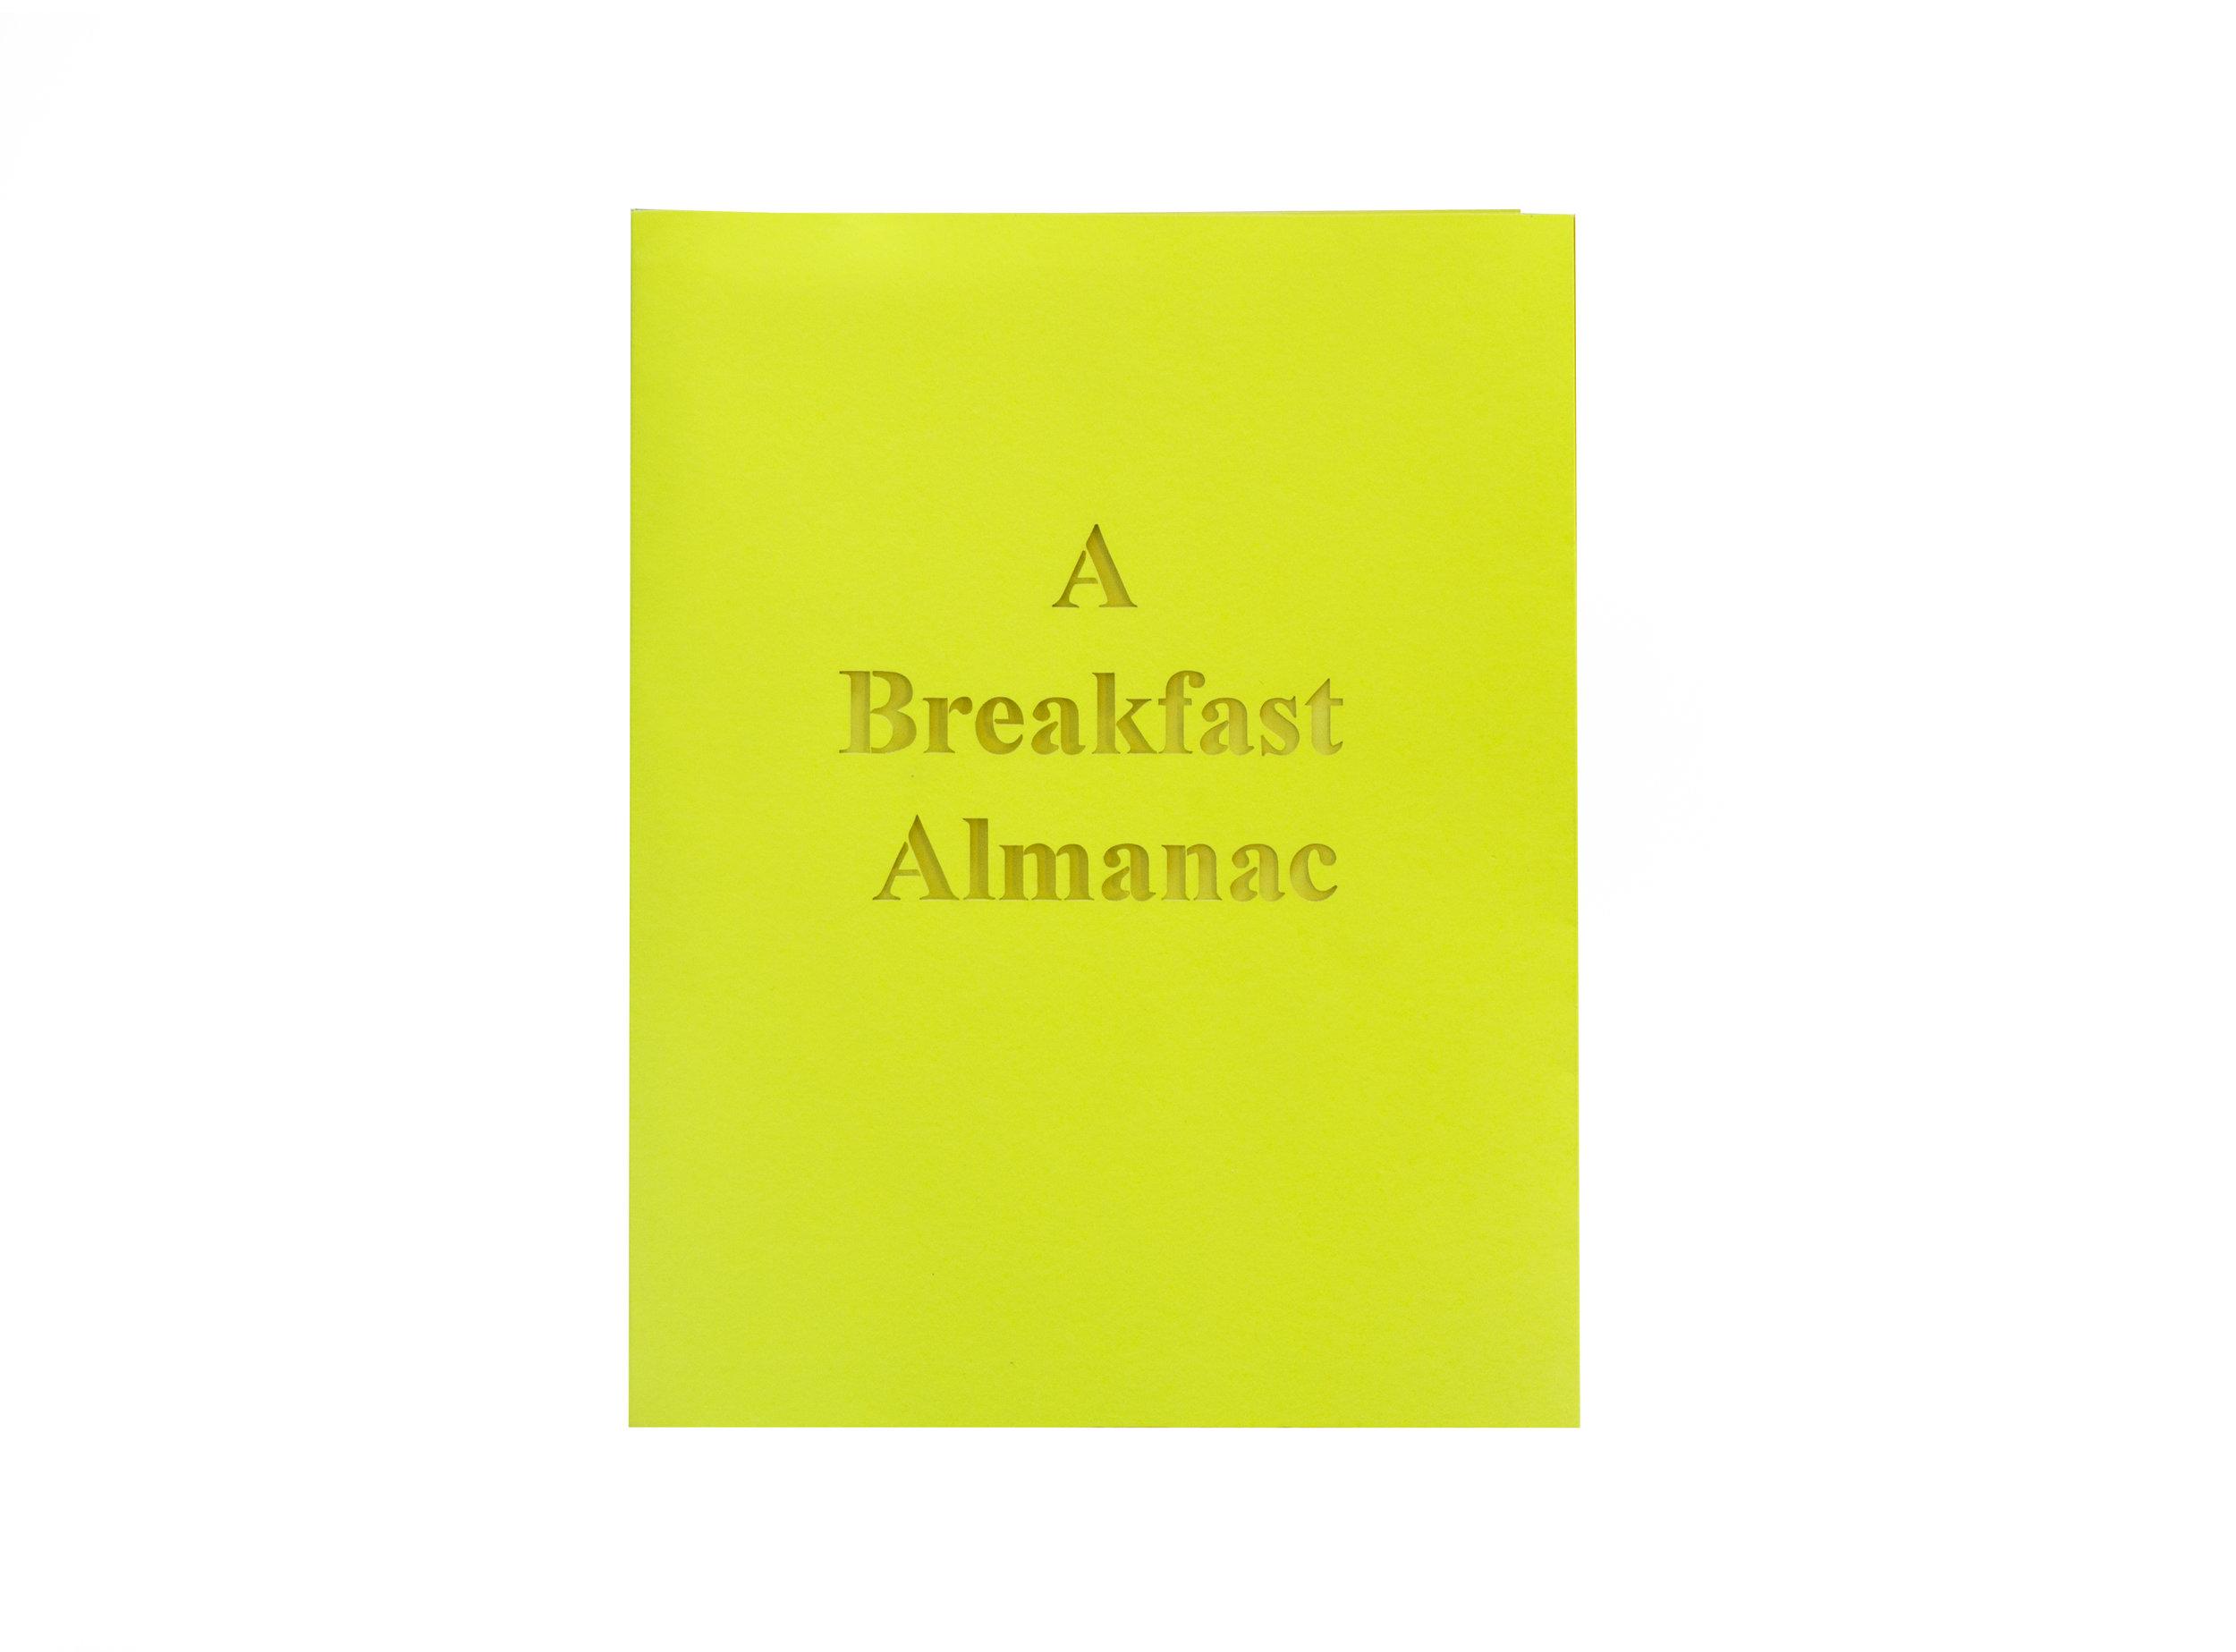 breakfastbook1.jpg